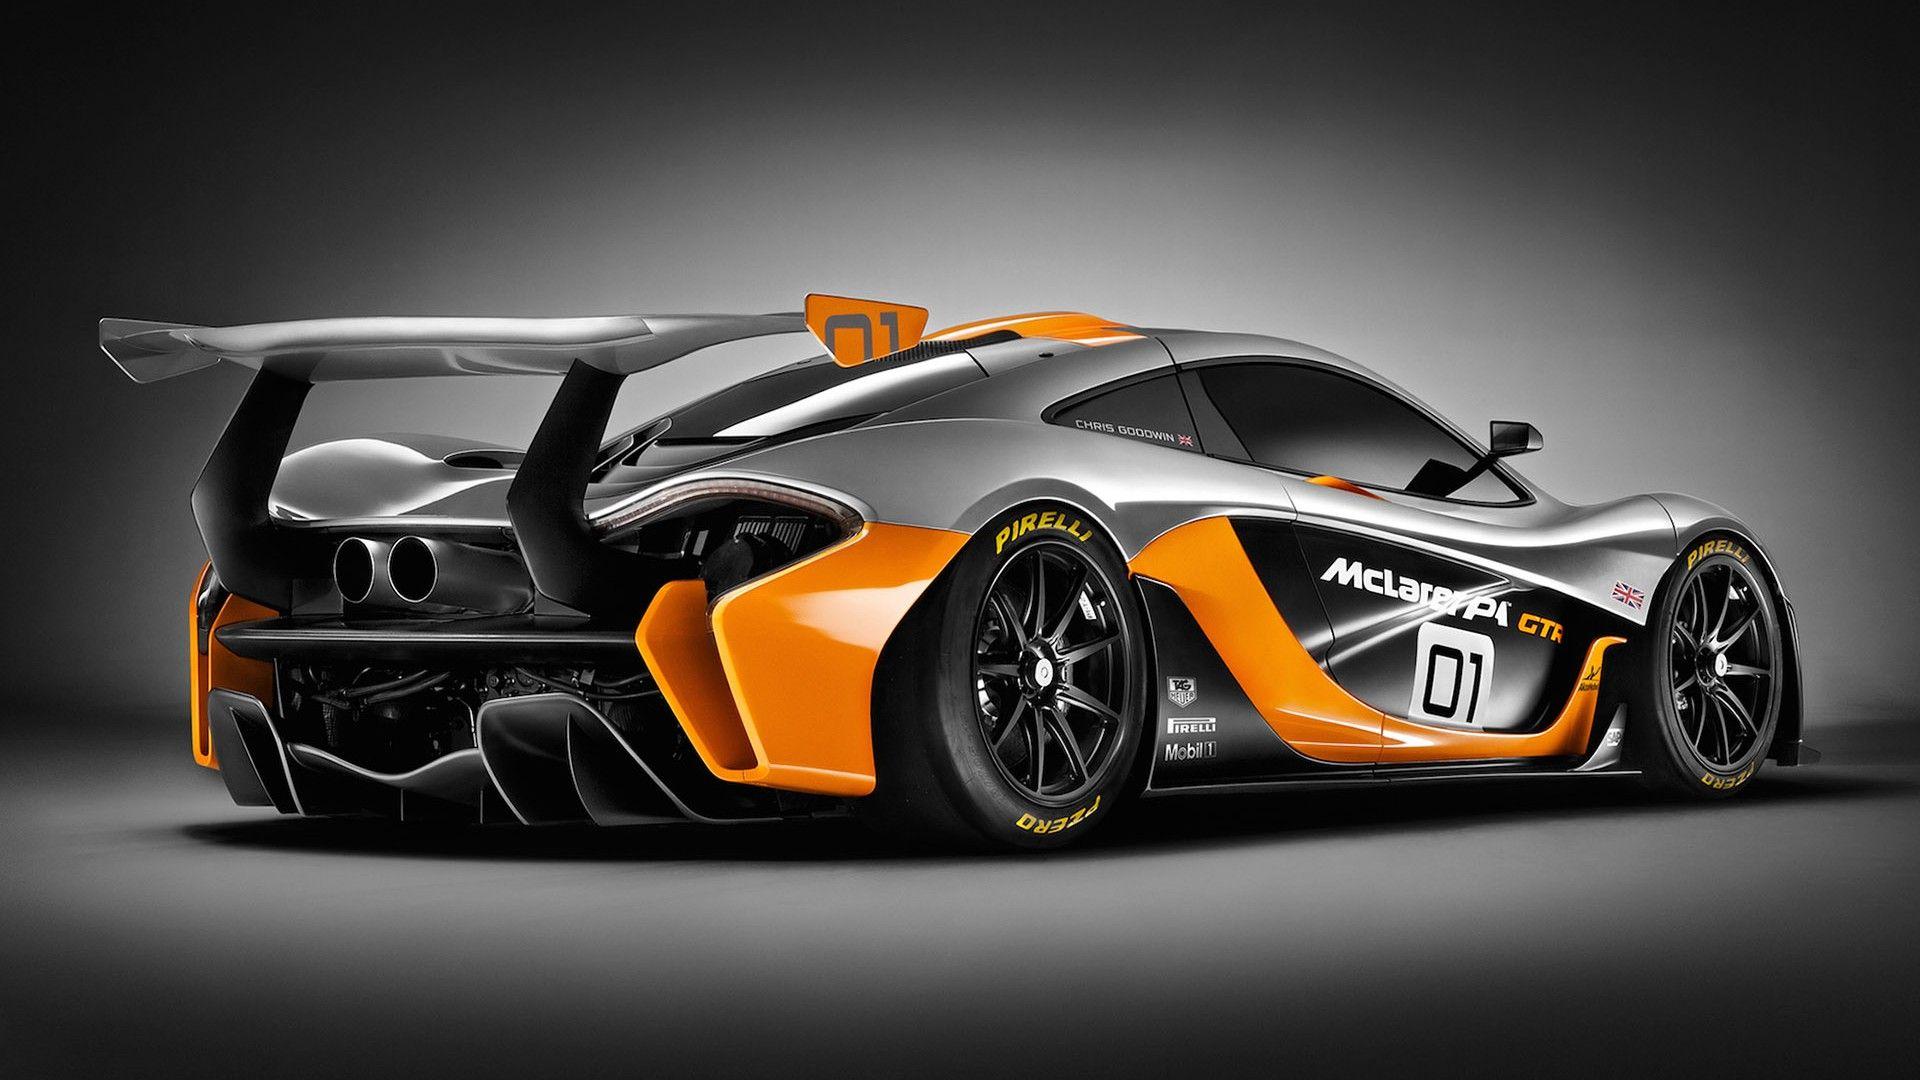 Mclaren P1 Gtr Sports Car Wallpaper Mclaren P1 Gtr Super Cars